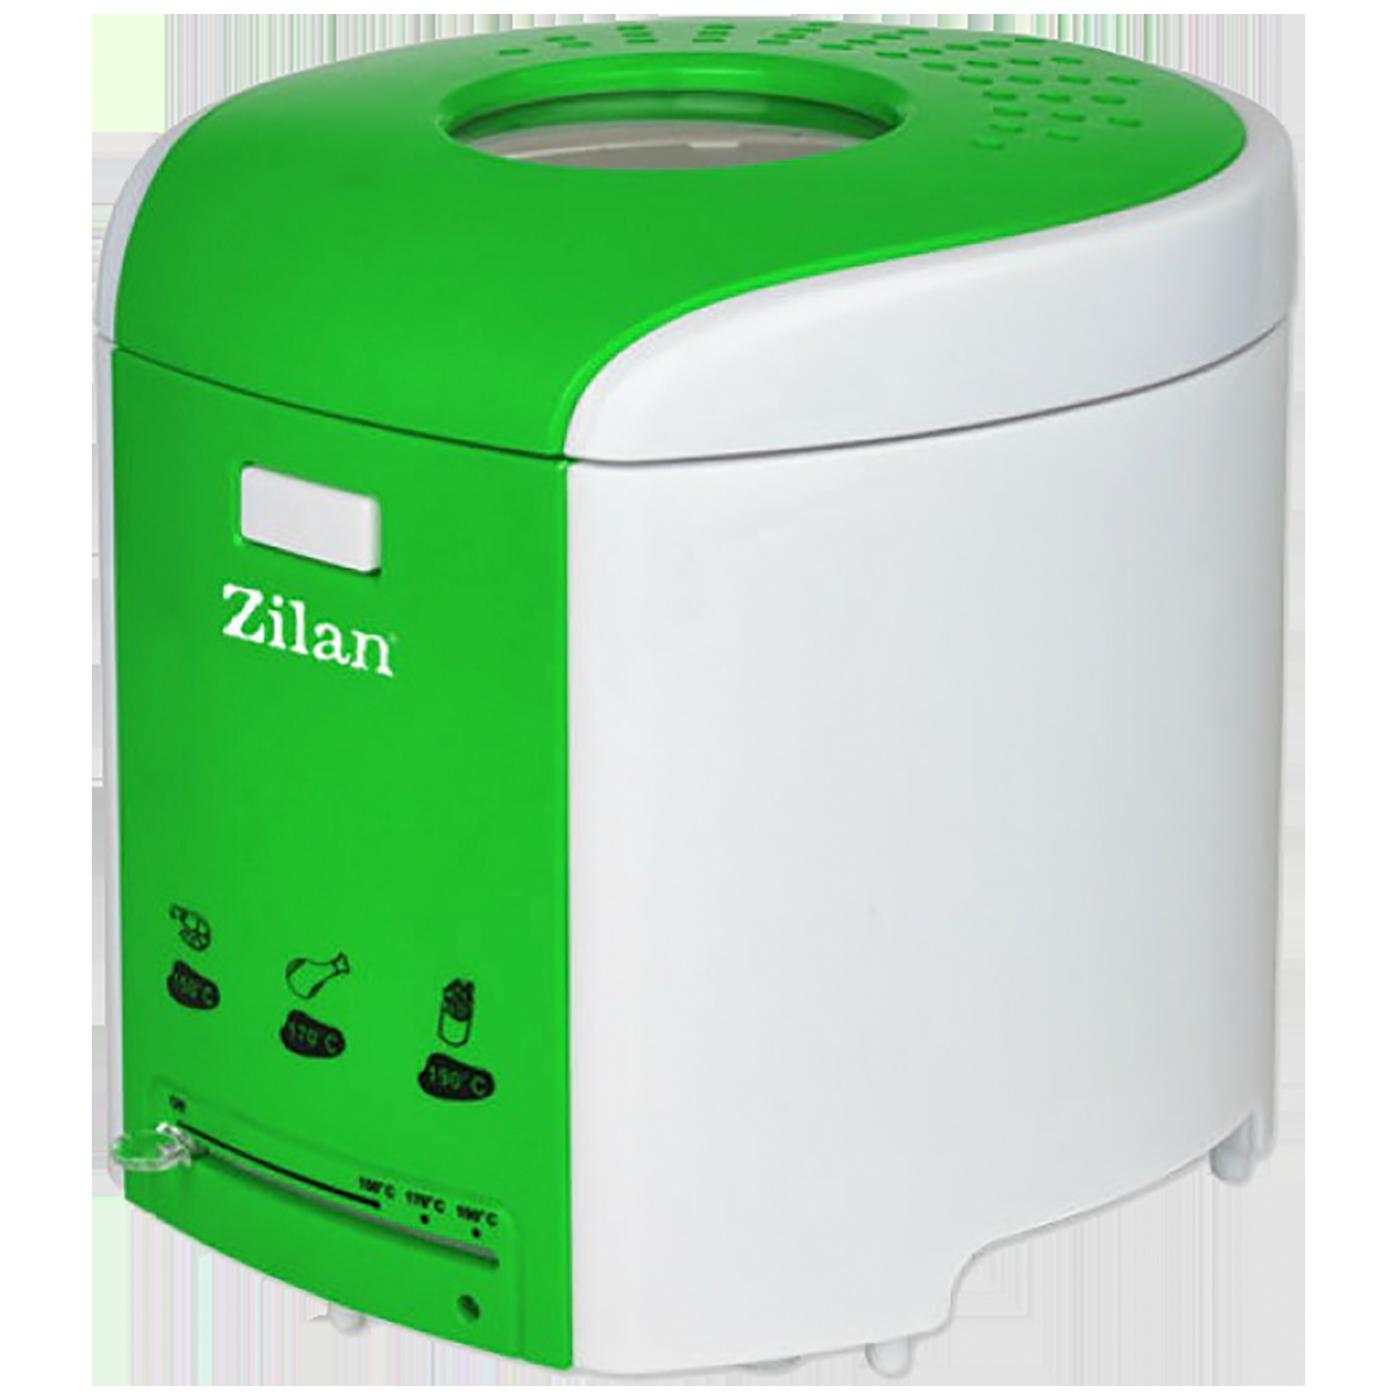 Zilan - ZLN4375 GR